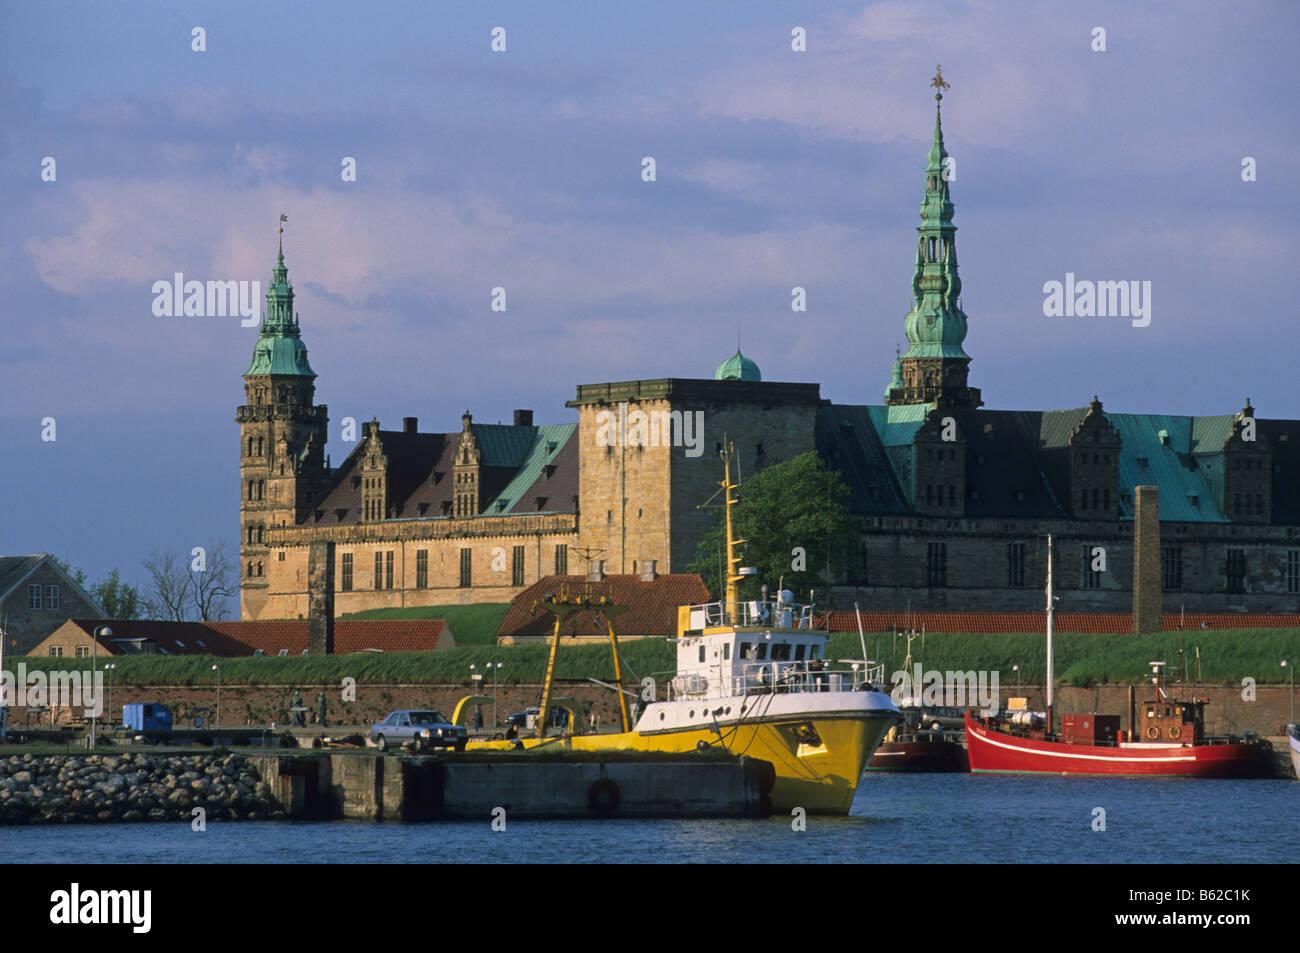 Elk167 1791 Denmark Helsingor Kronborg Slot setting of Hamlet 17th c - Stock Image